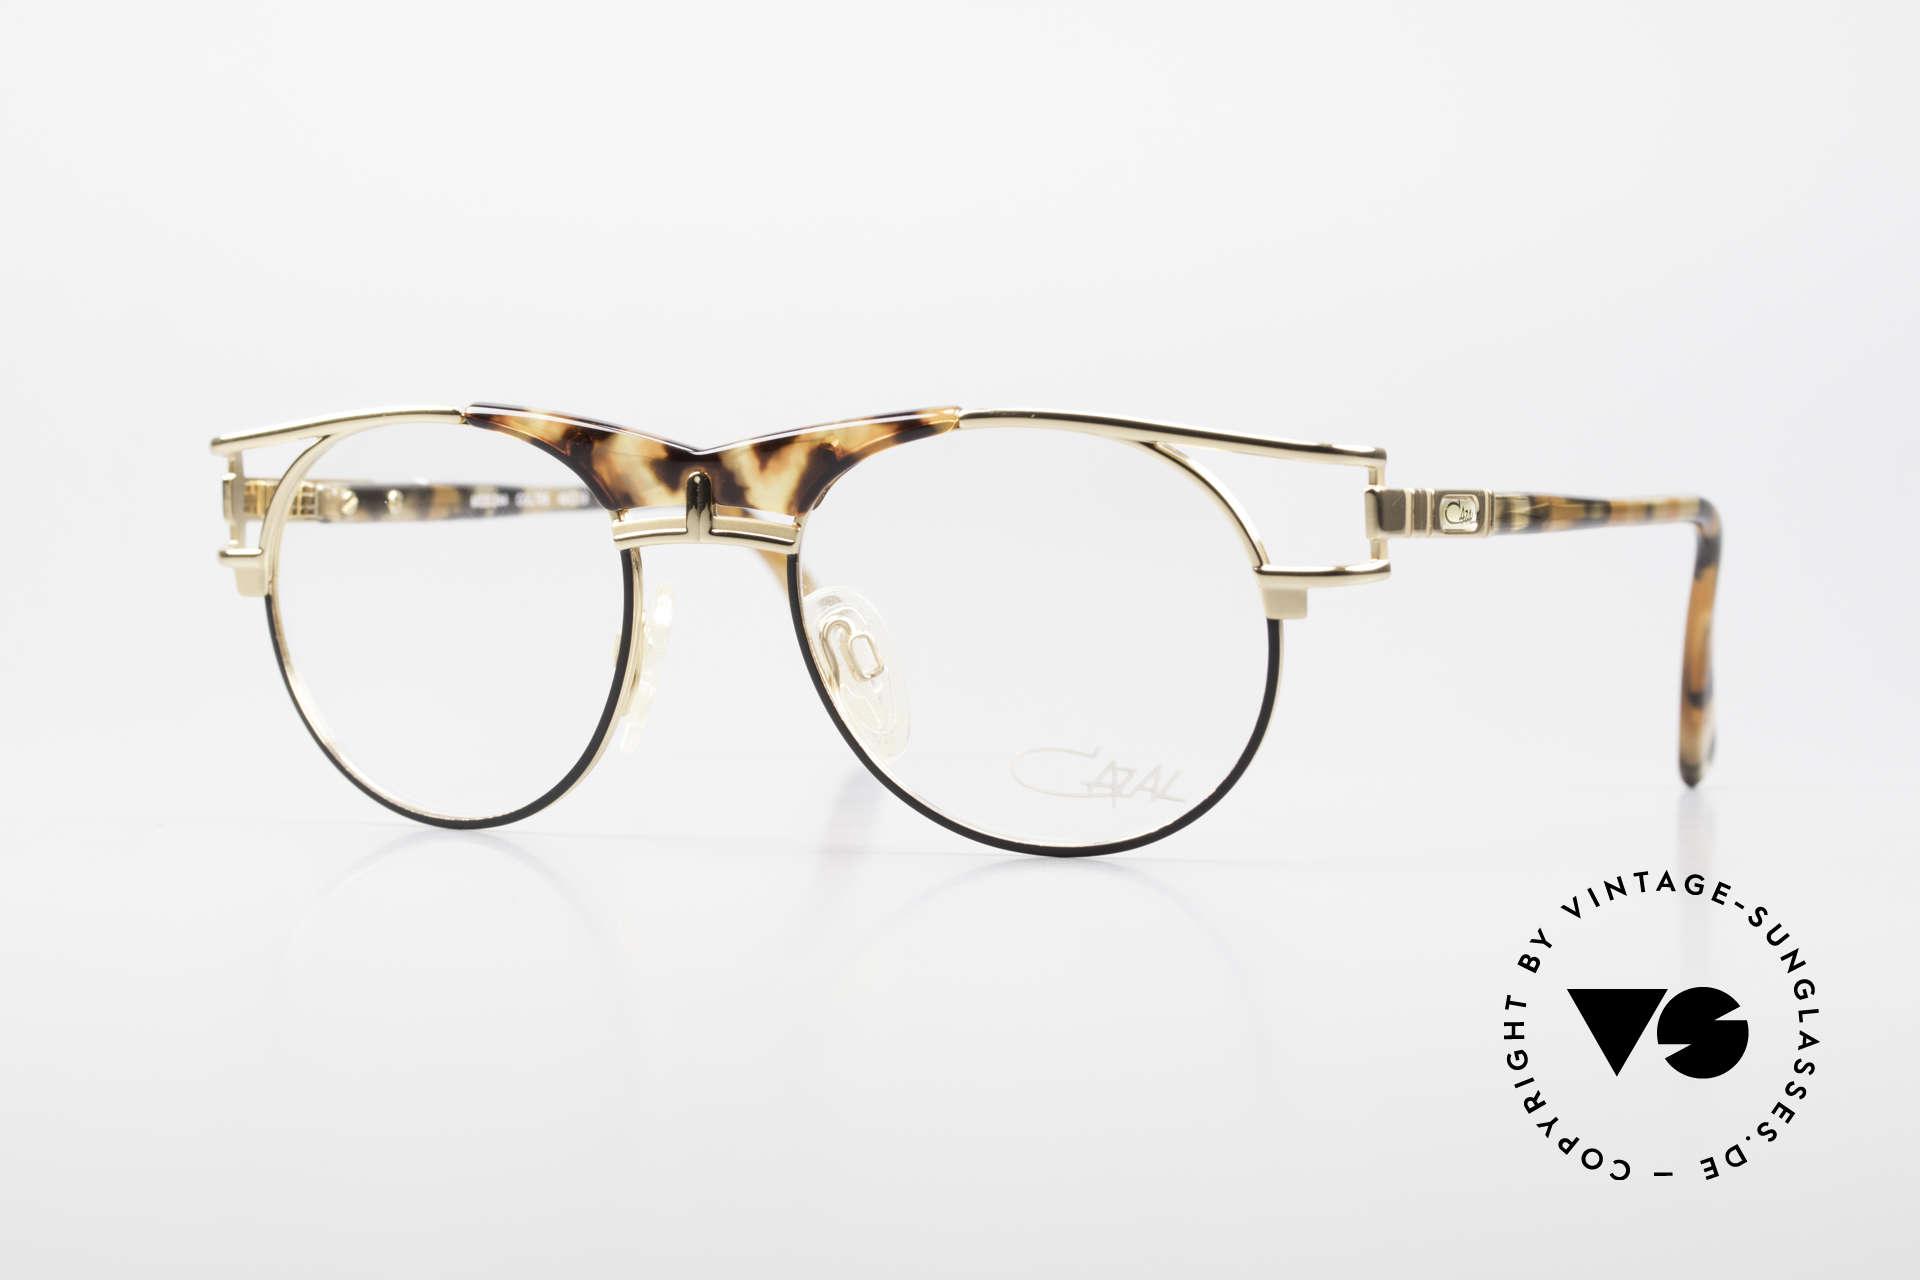 Cazal 244 90er Vintage Brille Panto Stil, alte, elegante CAZAL Designerbrille der 1990er, Passend für Herren und Damen